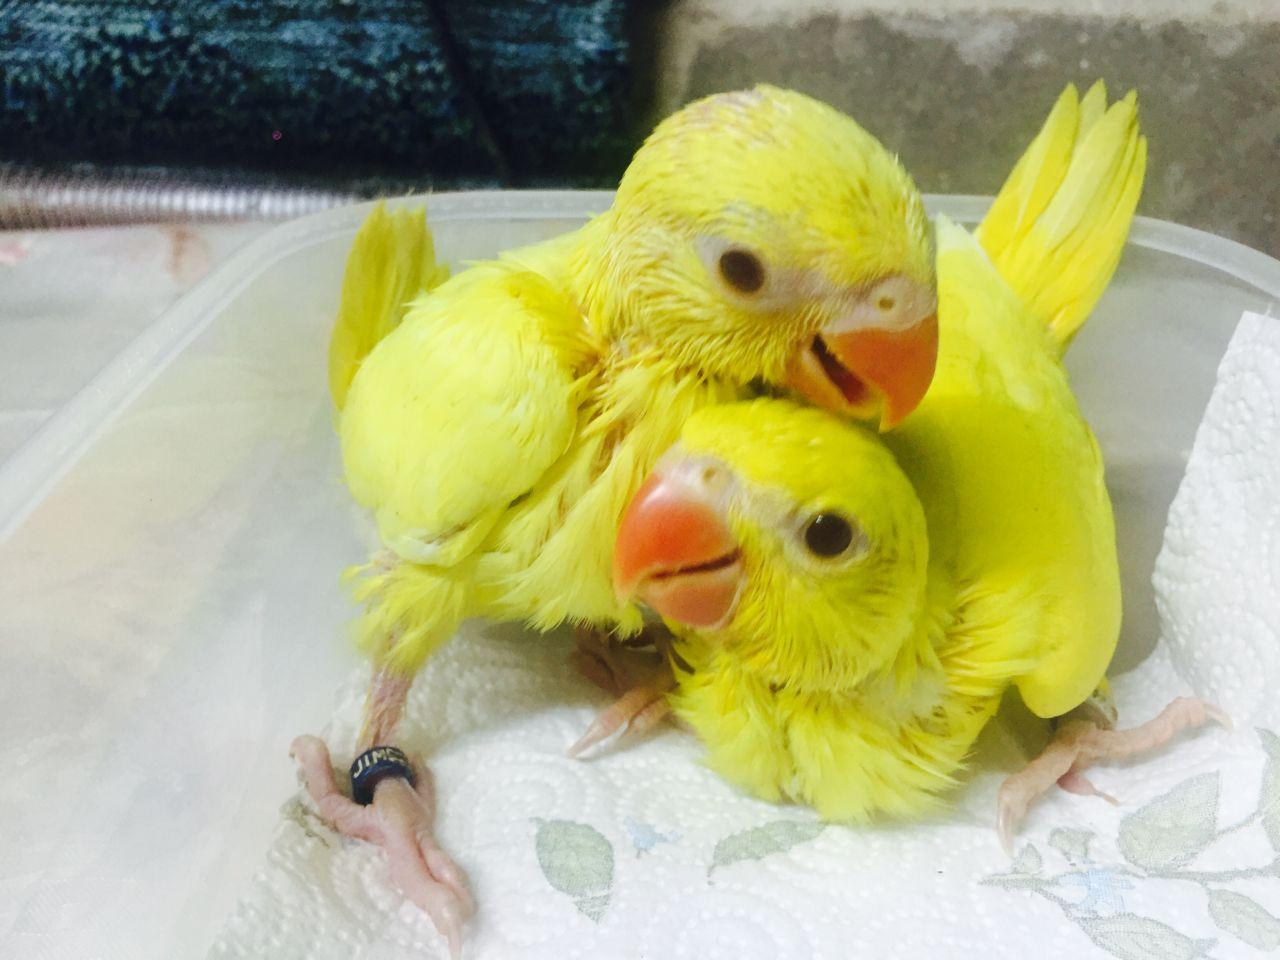 Pets Pakistan Healthy Baby Parrots And Fertile Eggs For Sale